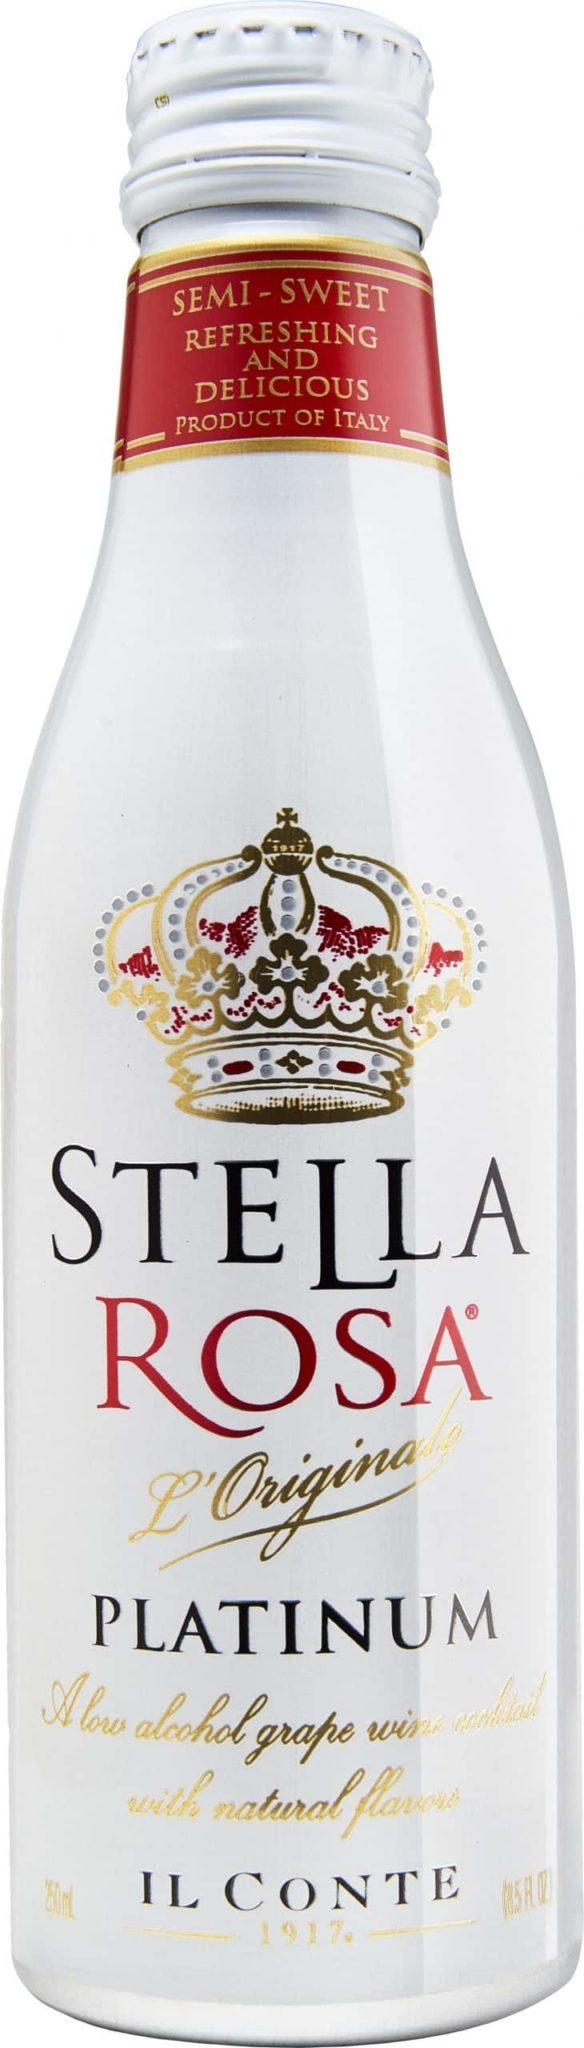 Stella Rosa Platinum Aluminum